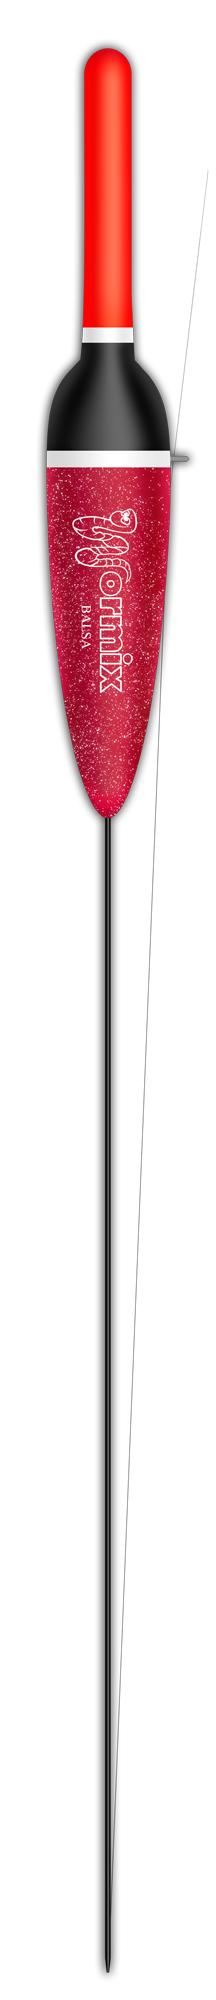 Поплавок Wormix 010 - 2.5 гр